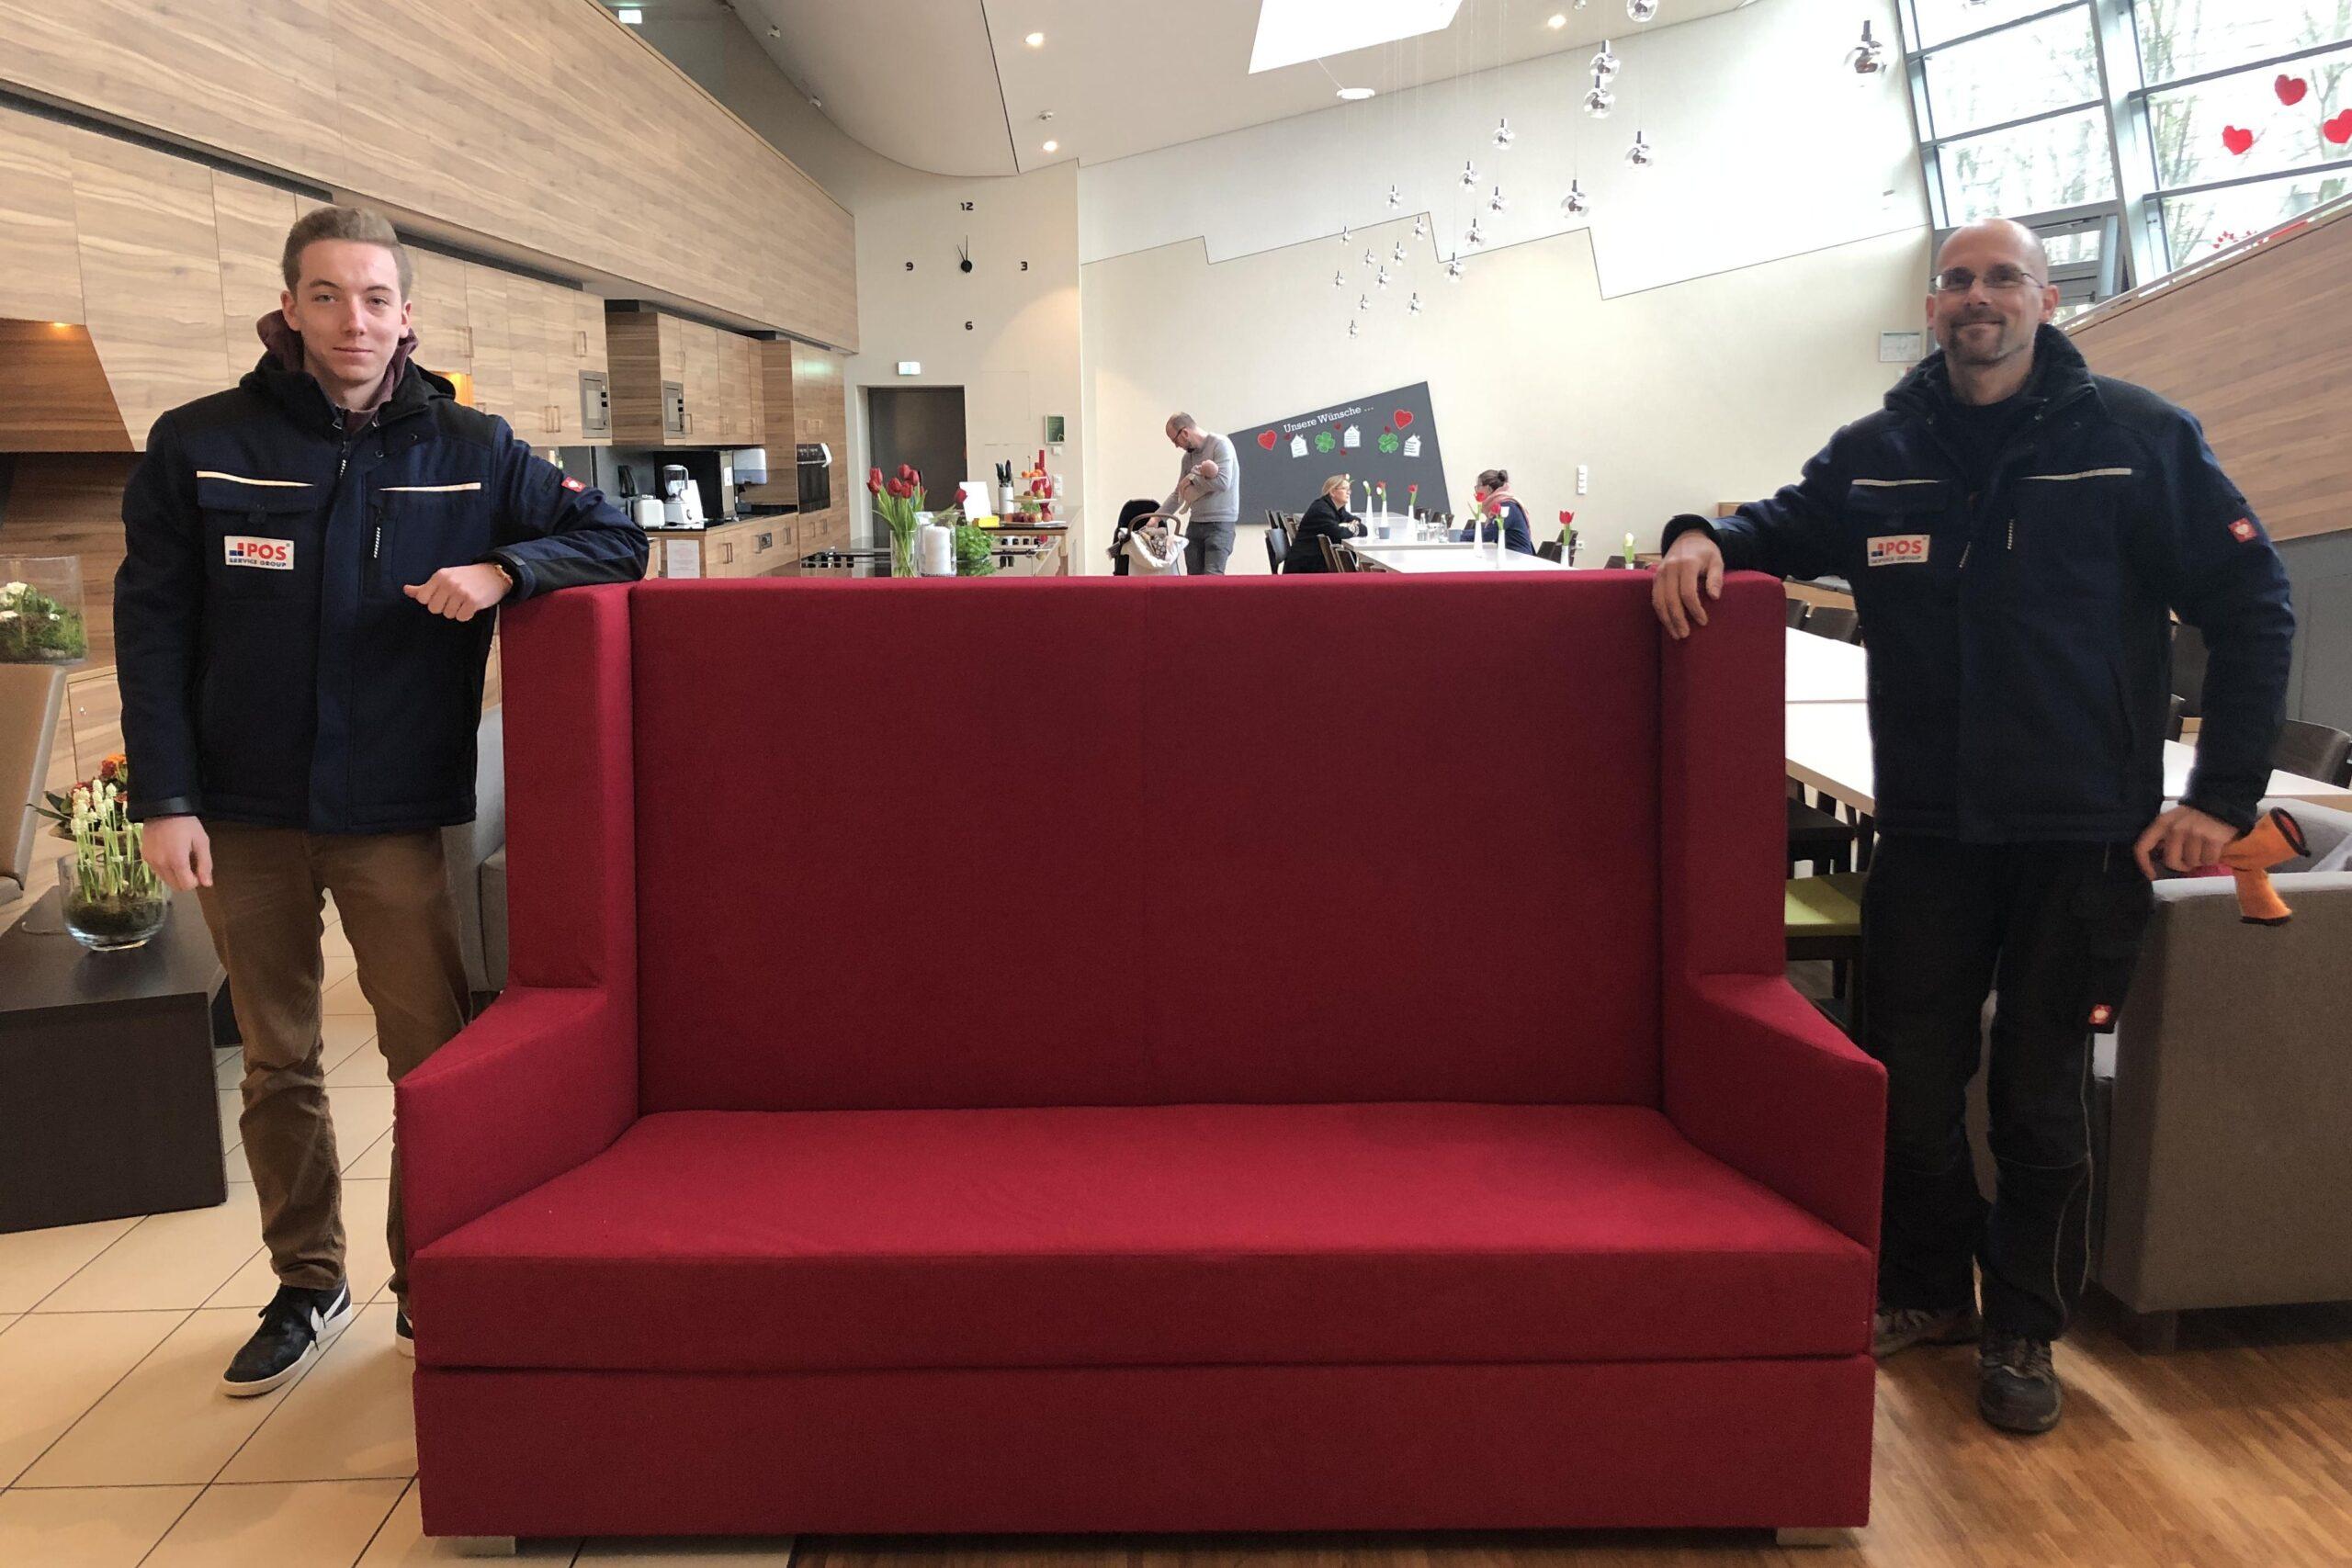 Full Size of Sofa In L Form Xxl Günstig Bezug Ewald Schillig 3 Sitzer Lounge Garten Liege Flexform Esstisch Machalke Mit Holzfüßen Big Hannover Sofa Rotes Sofa